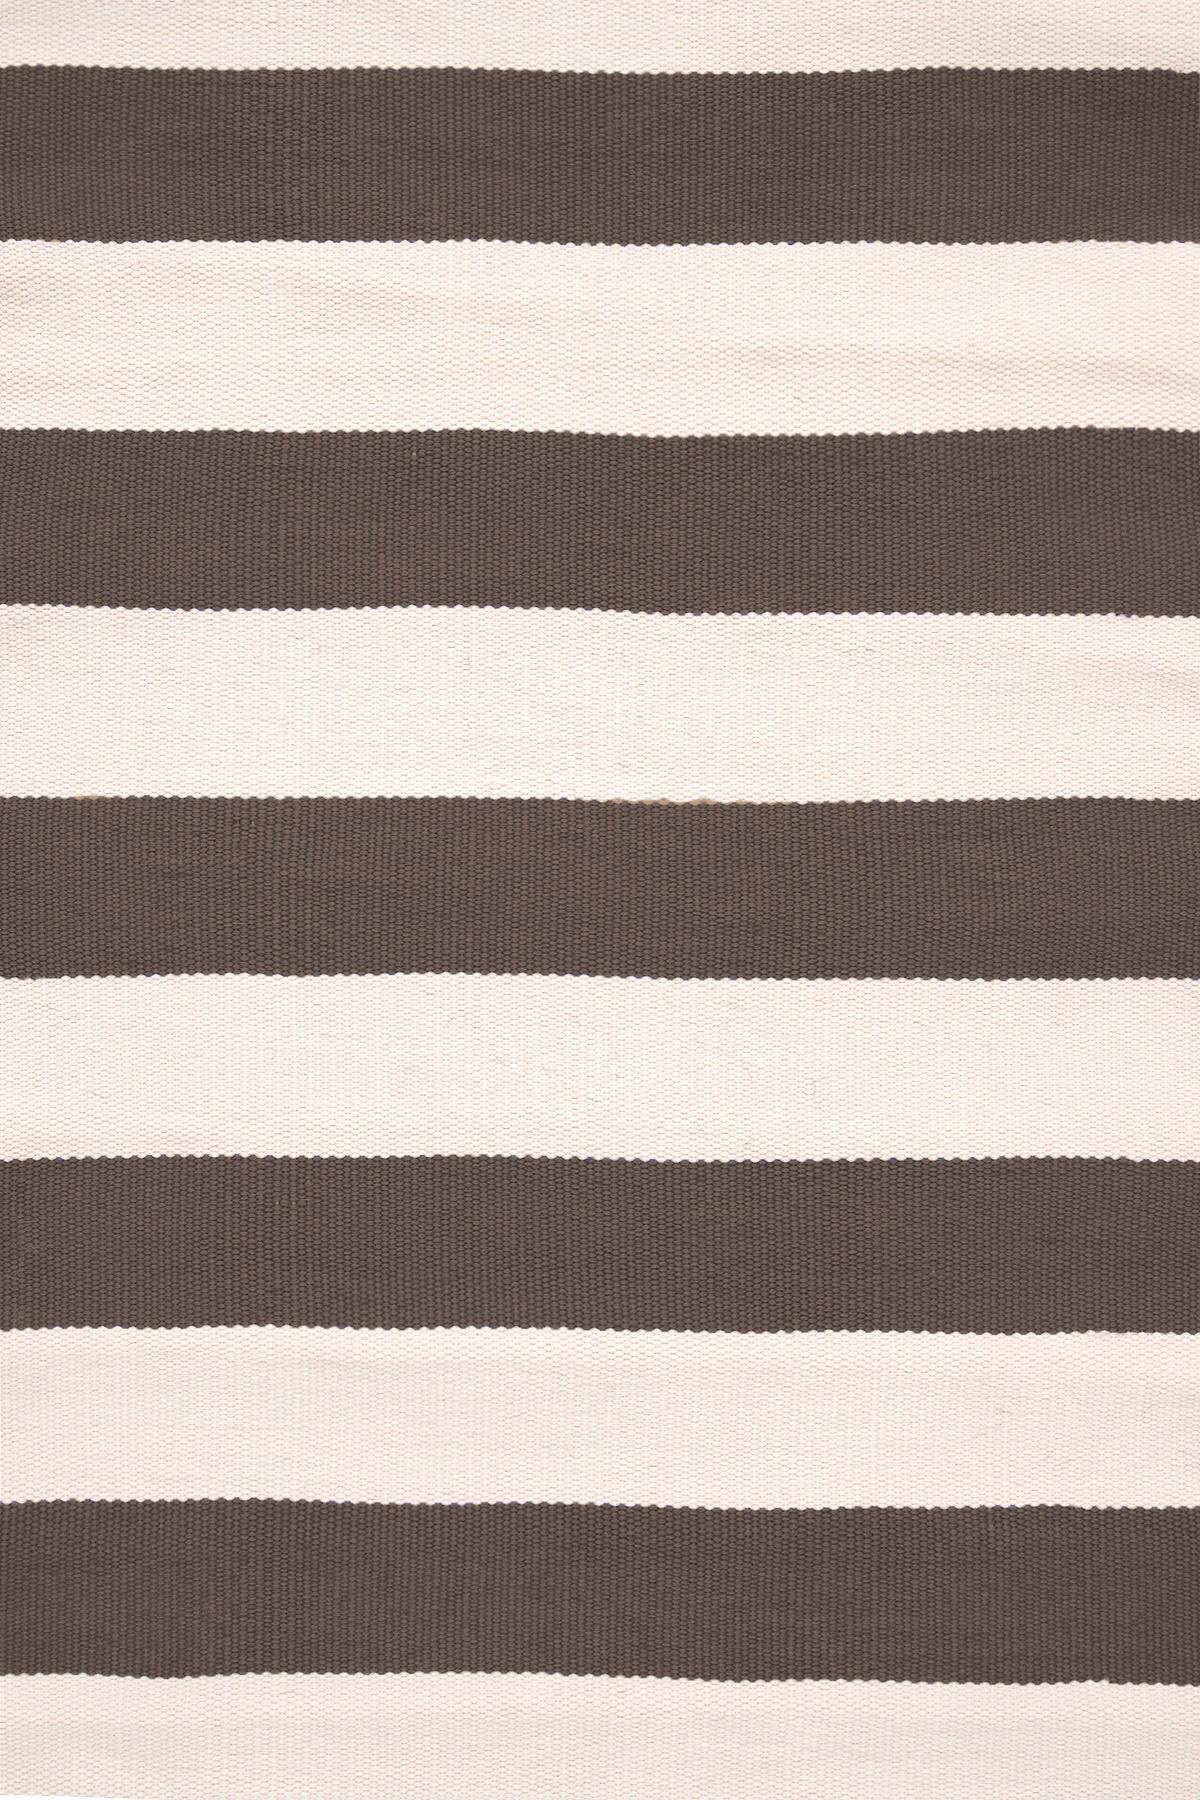 Catamaran Stripe Charcoal/Ivory Indoor/Outdoor Rug